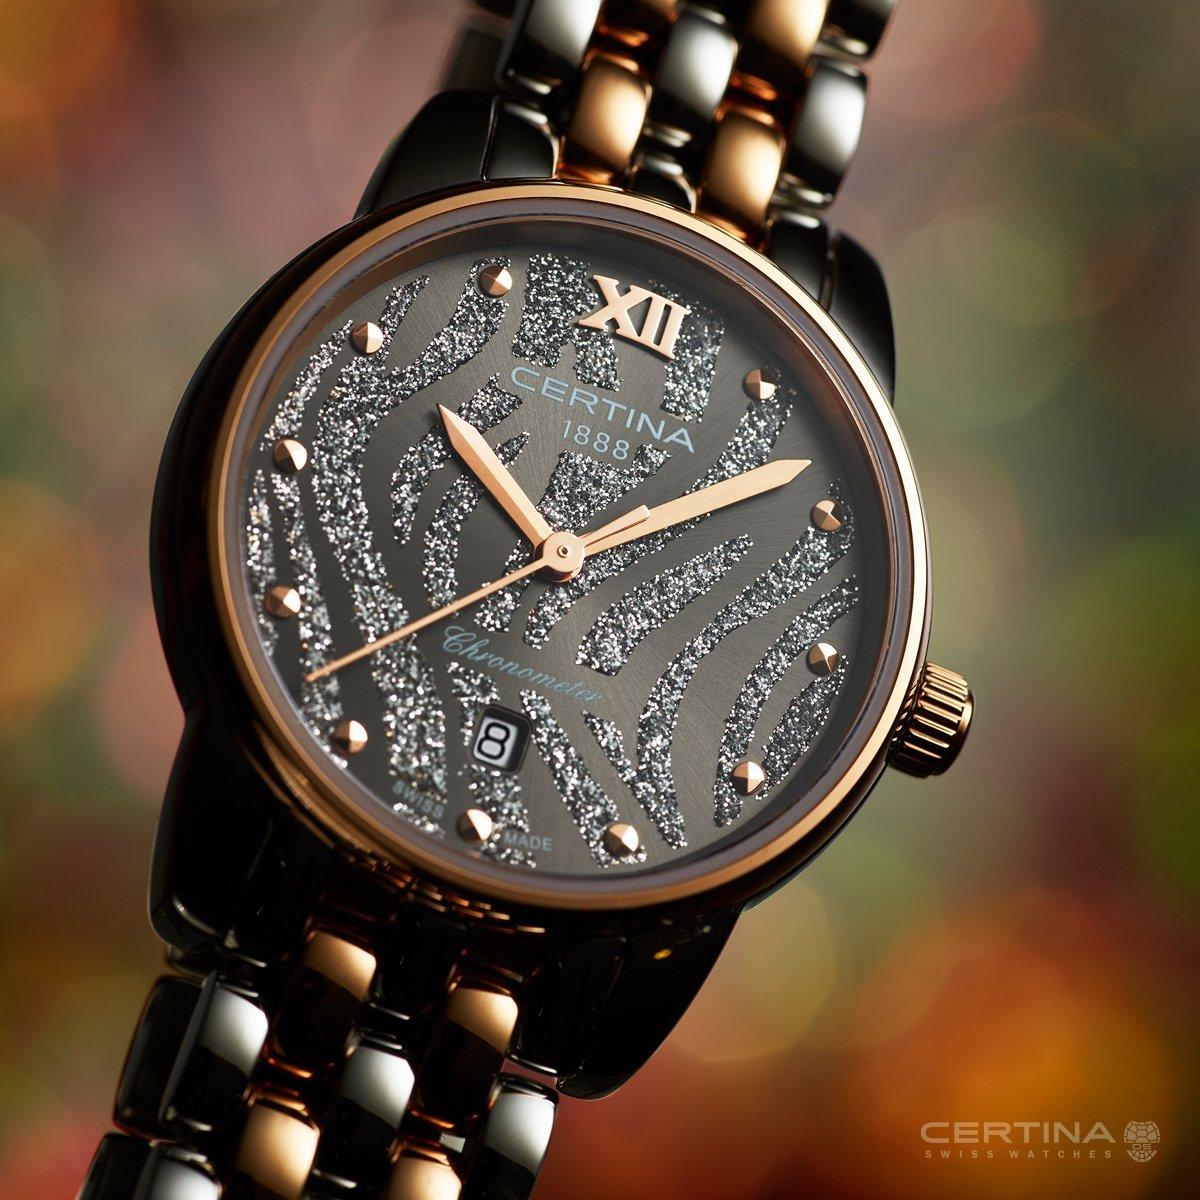 Kobiecy zegarek Cetina C033.051.22.088.00 DS-8 z piękną czarną tarczą w tygrysie prążki zrobioną z masy perłowej oraz brokatu.